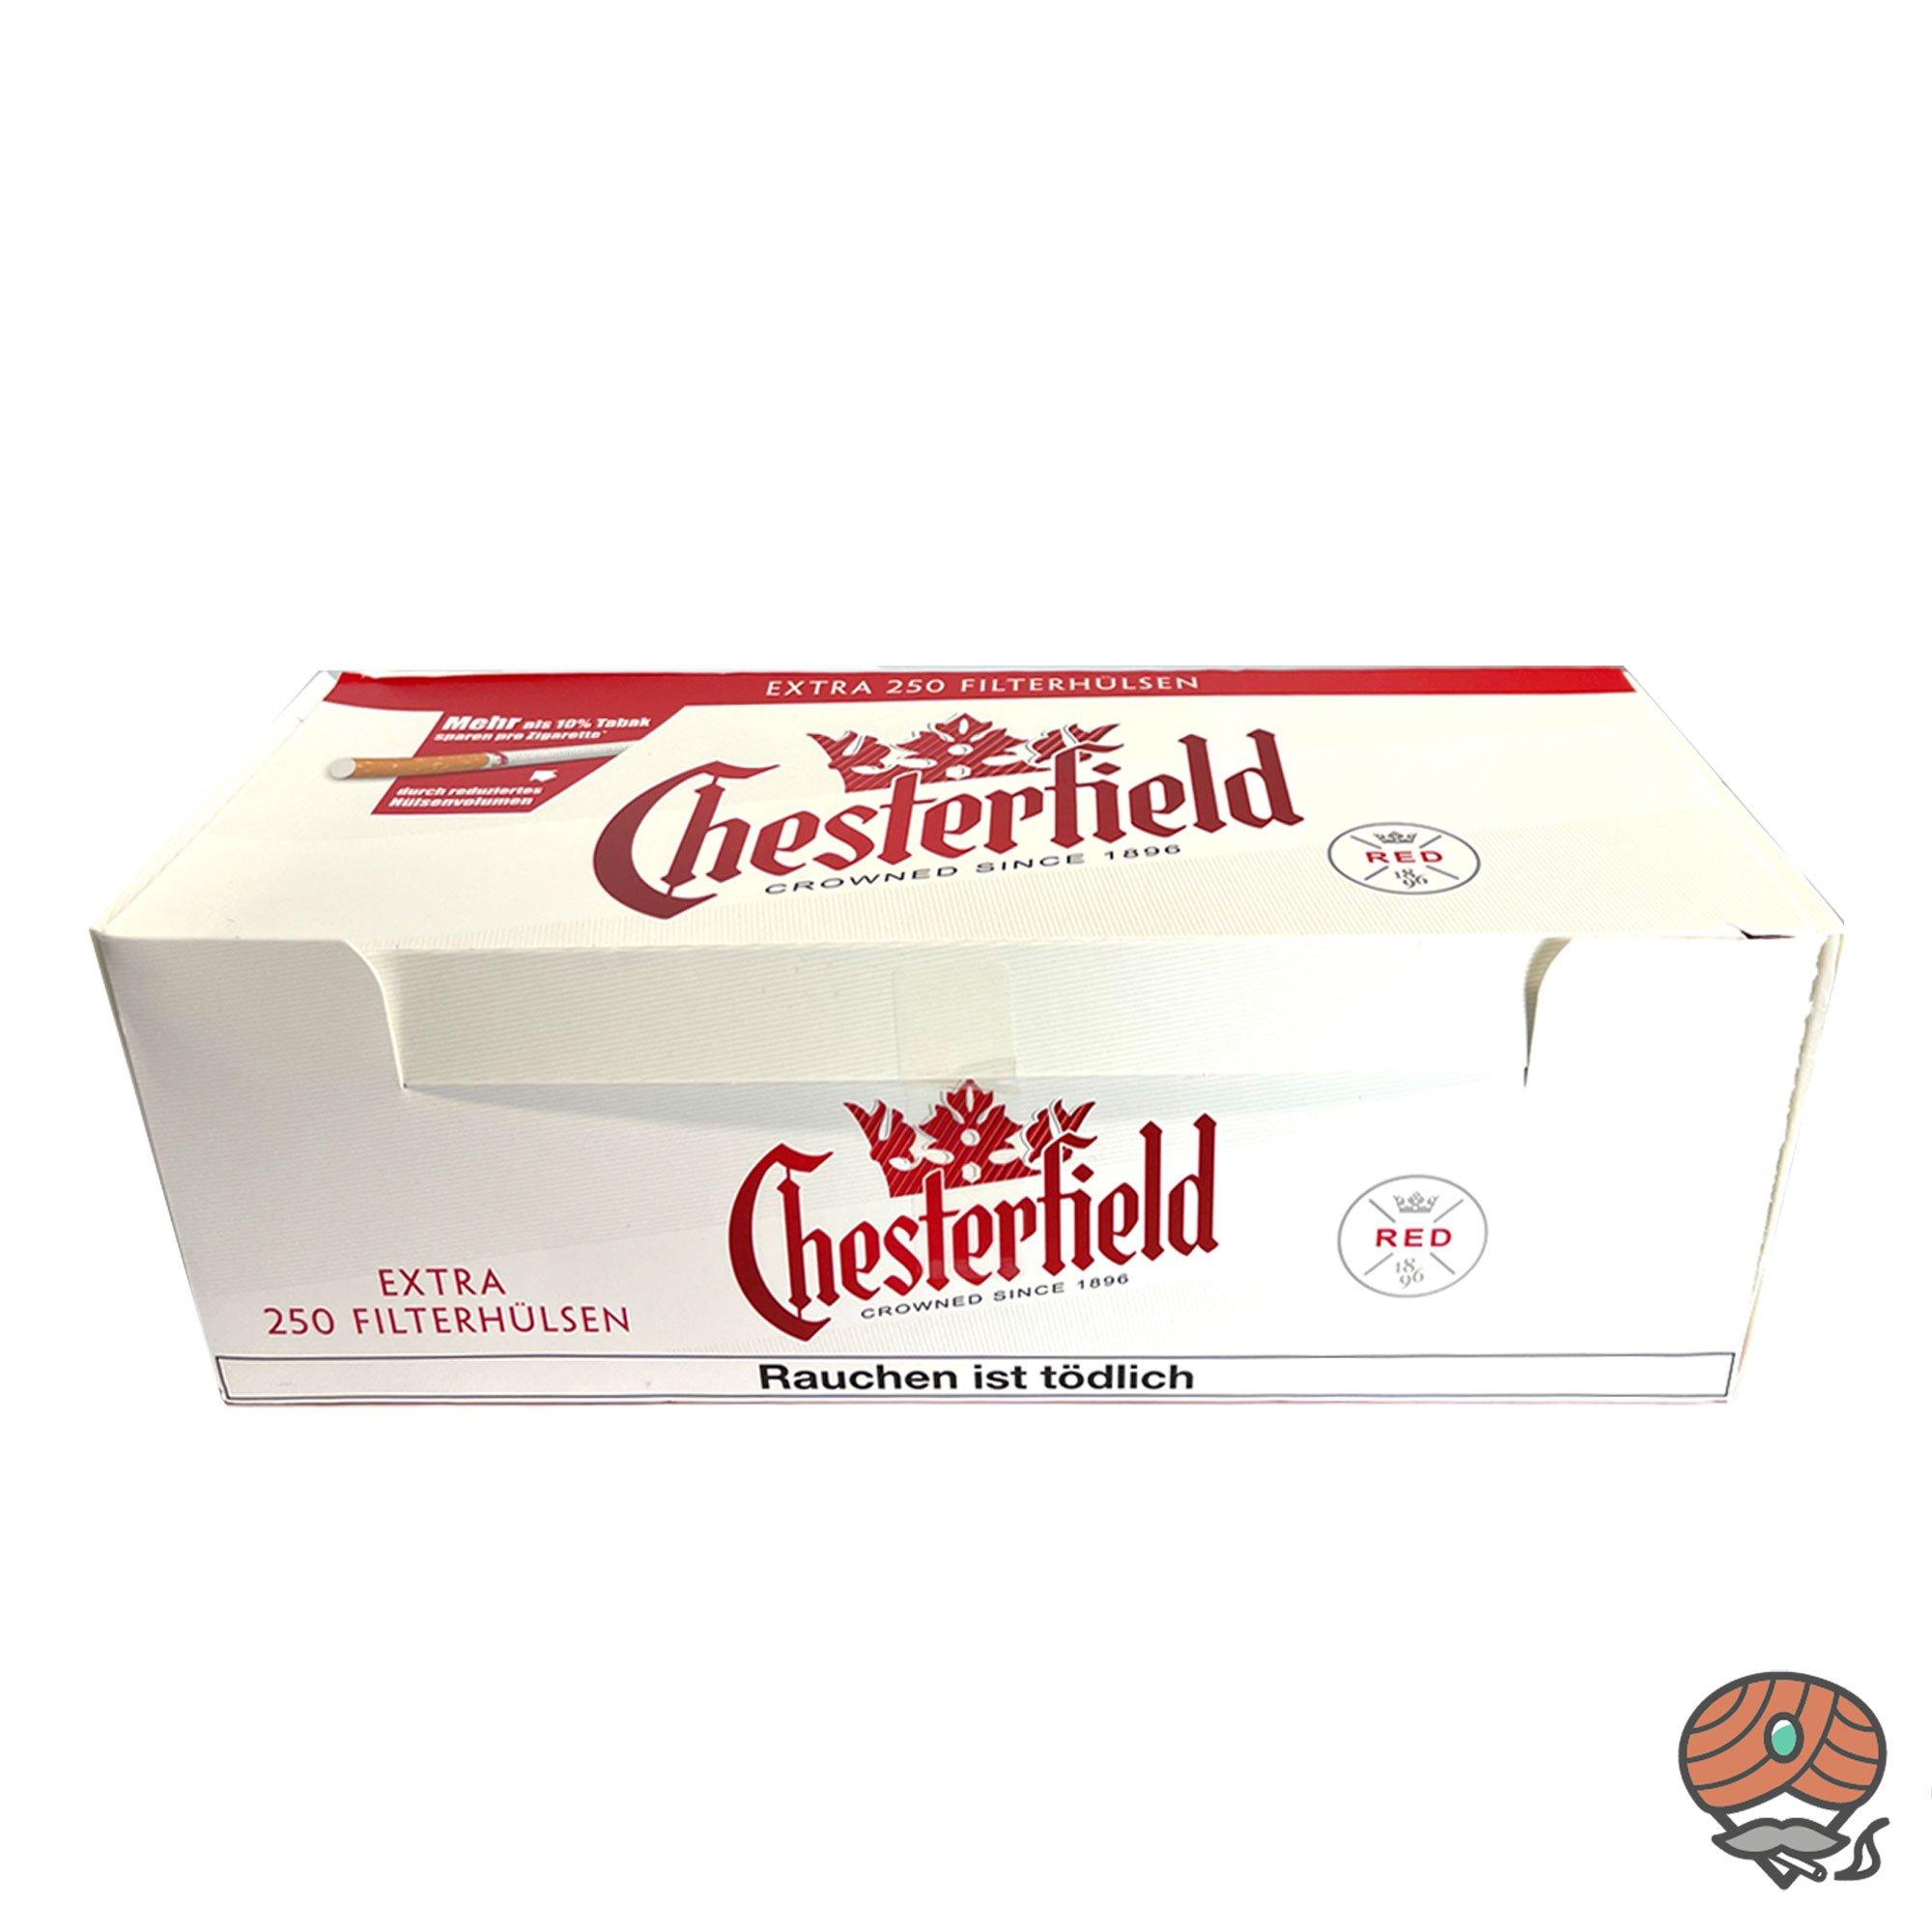 Chesterfield Red Extra-Filterhülsen / Tubes